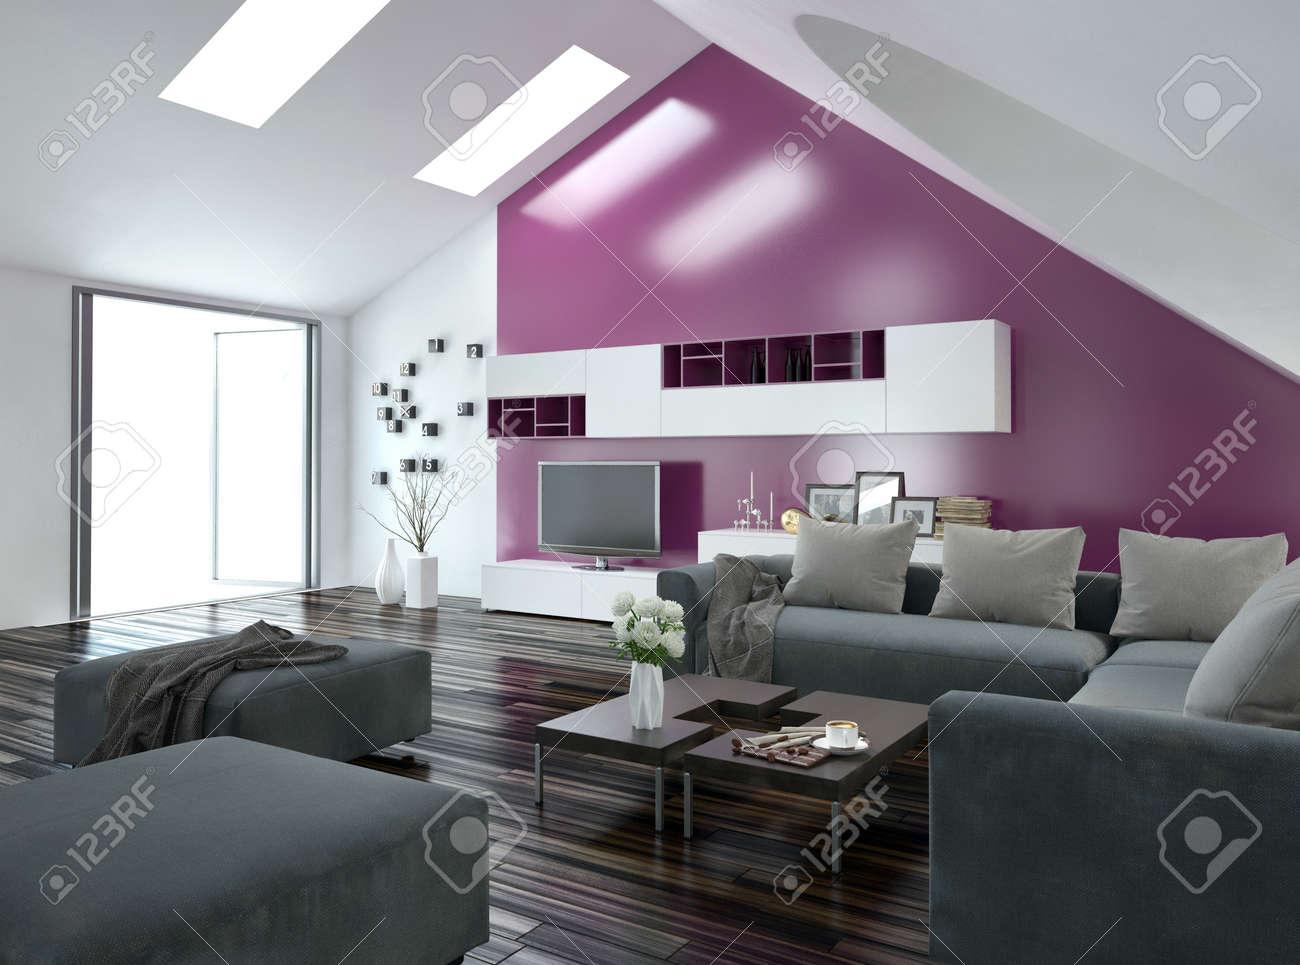 Moderne Wohnung Wohnzimmer Innenraum Mit Einem Lila Akzent Wand Und  Dachschräge Mit Dachfenster über Einem Parkettboden